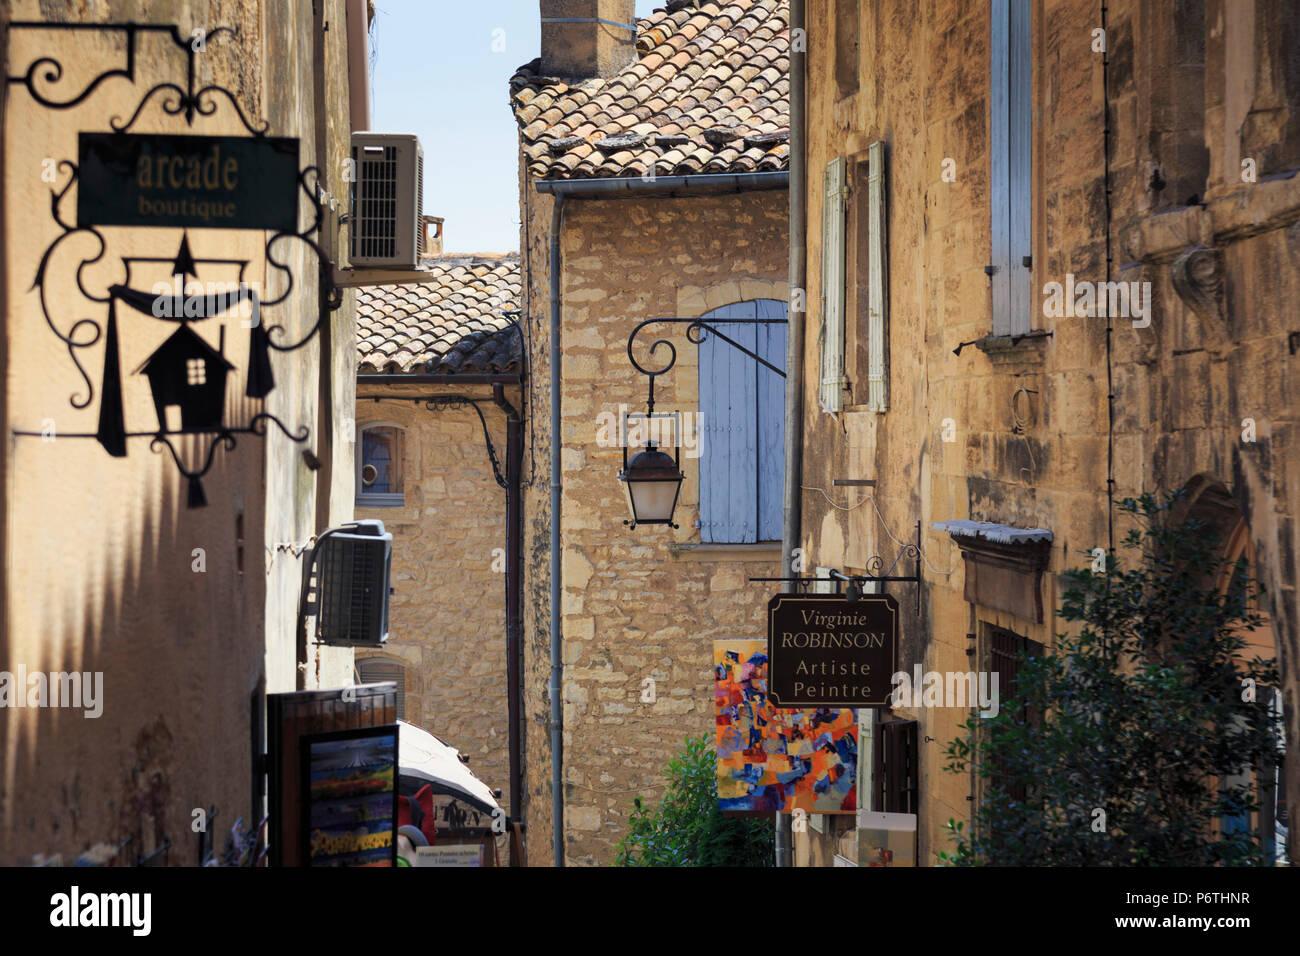 France, Provence Alps Cote d'Azur, Haute Provence, Gordes - Stock Image